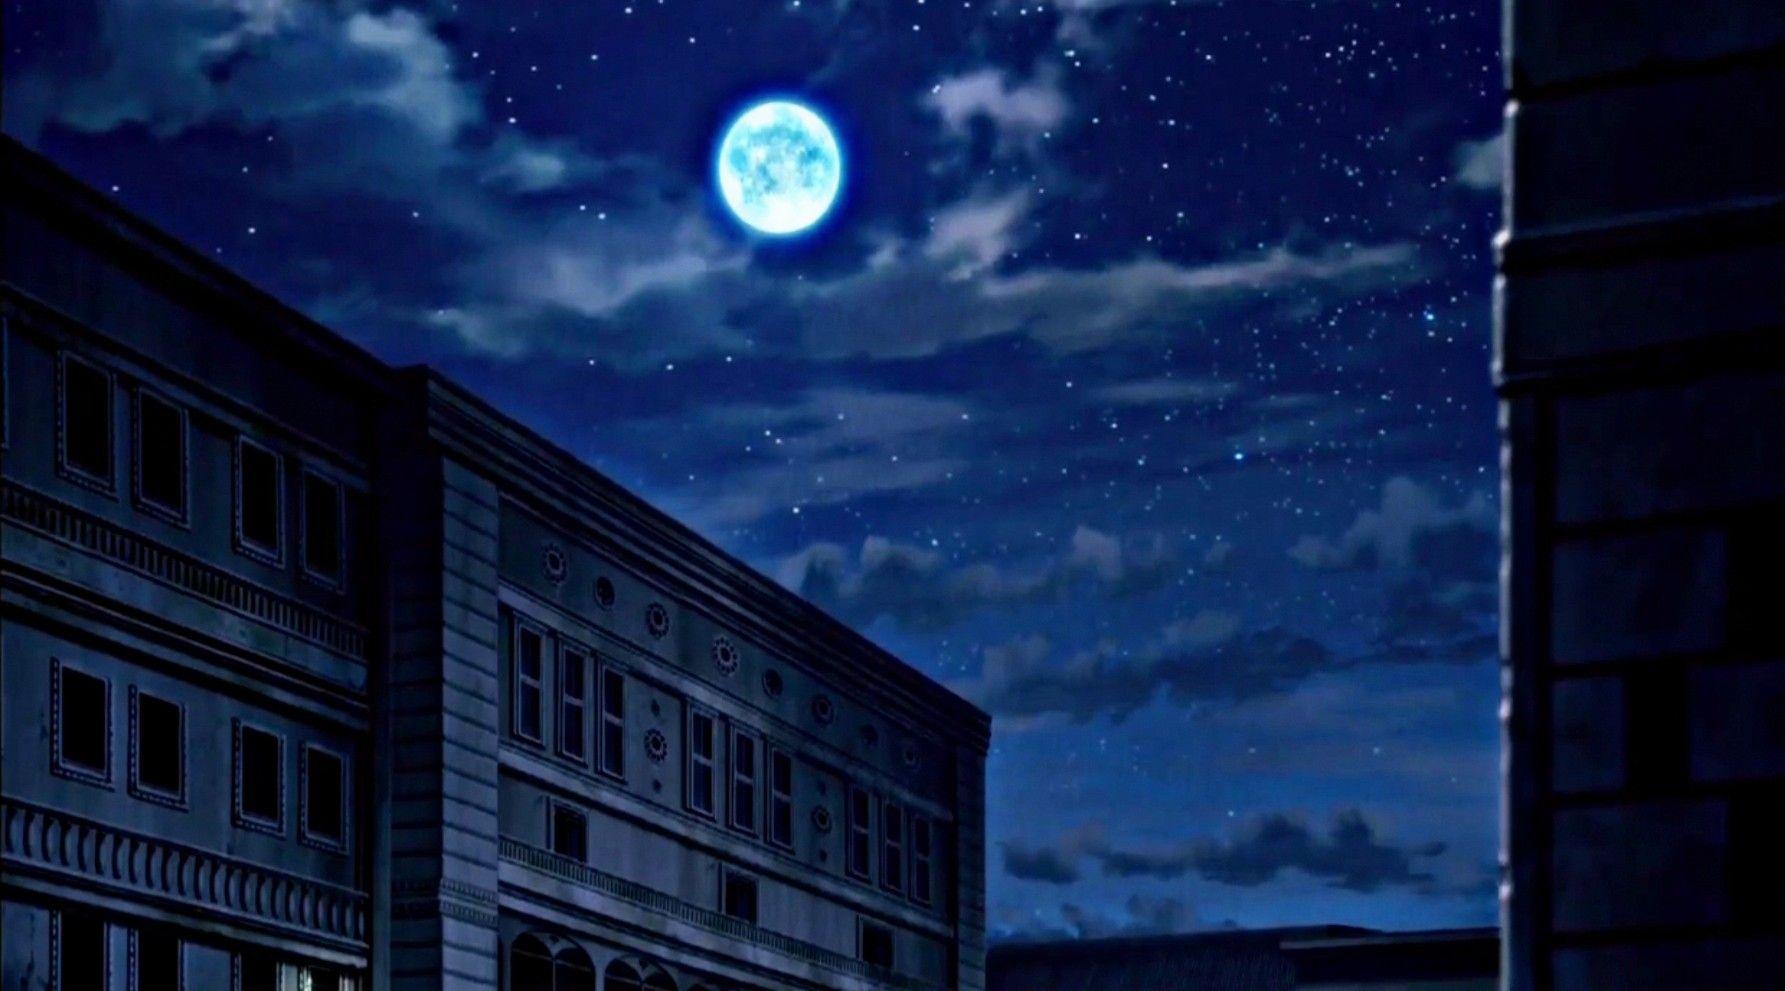 Anime Satsurikunotenshi Image Kawaii Art Kurdishotaku